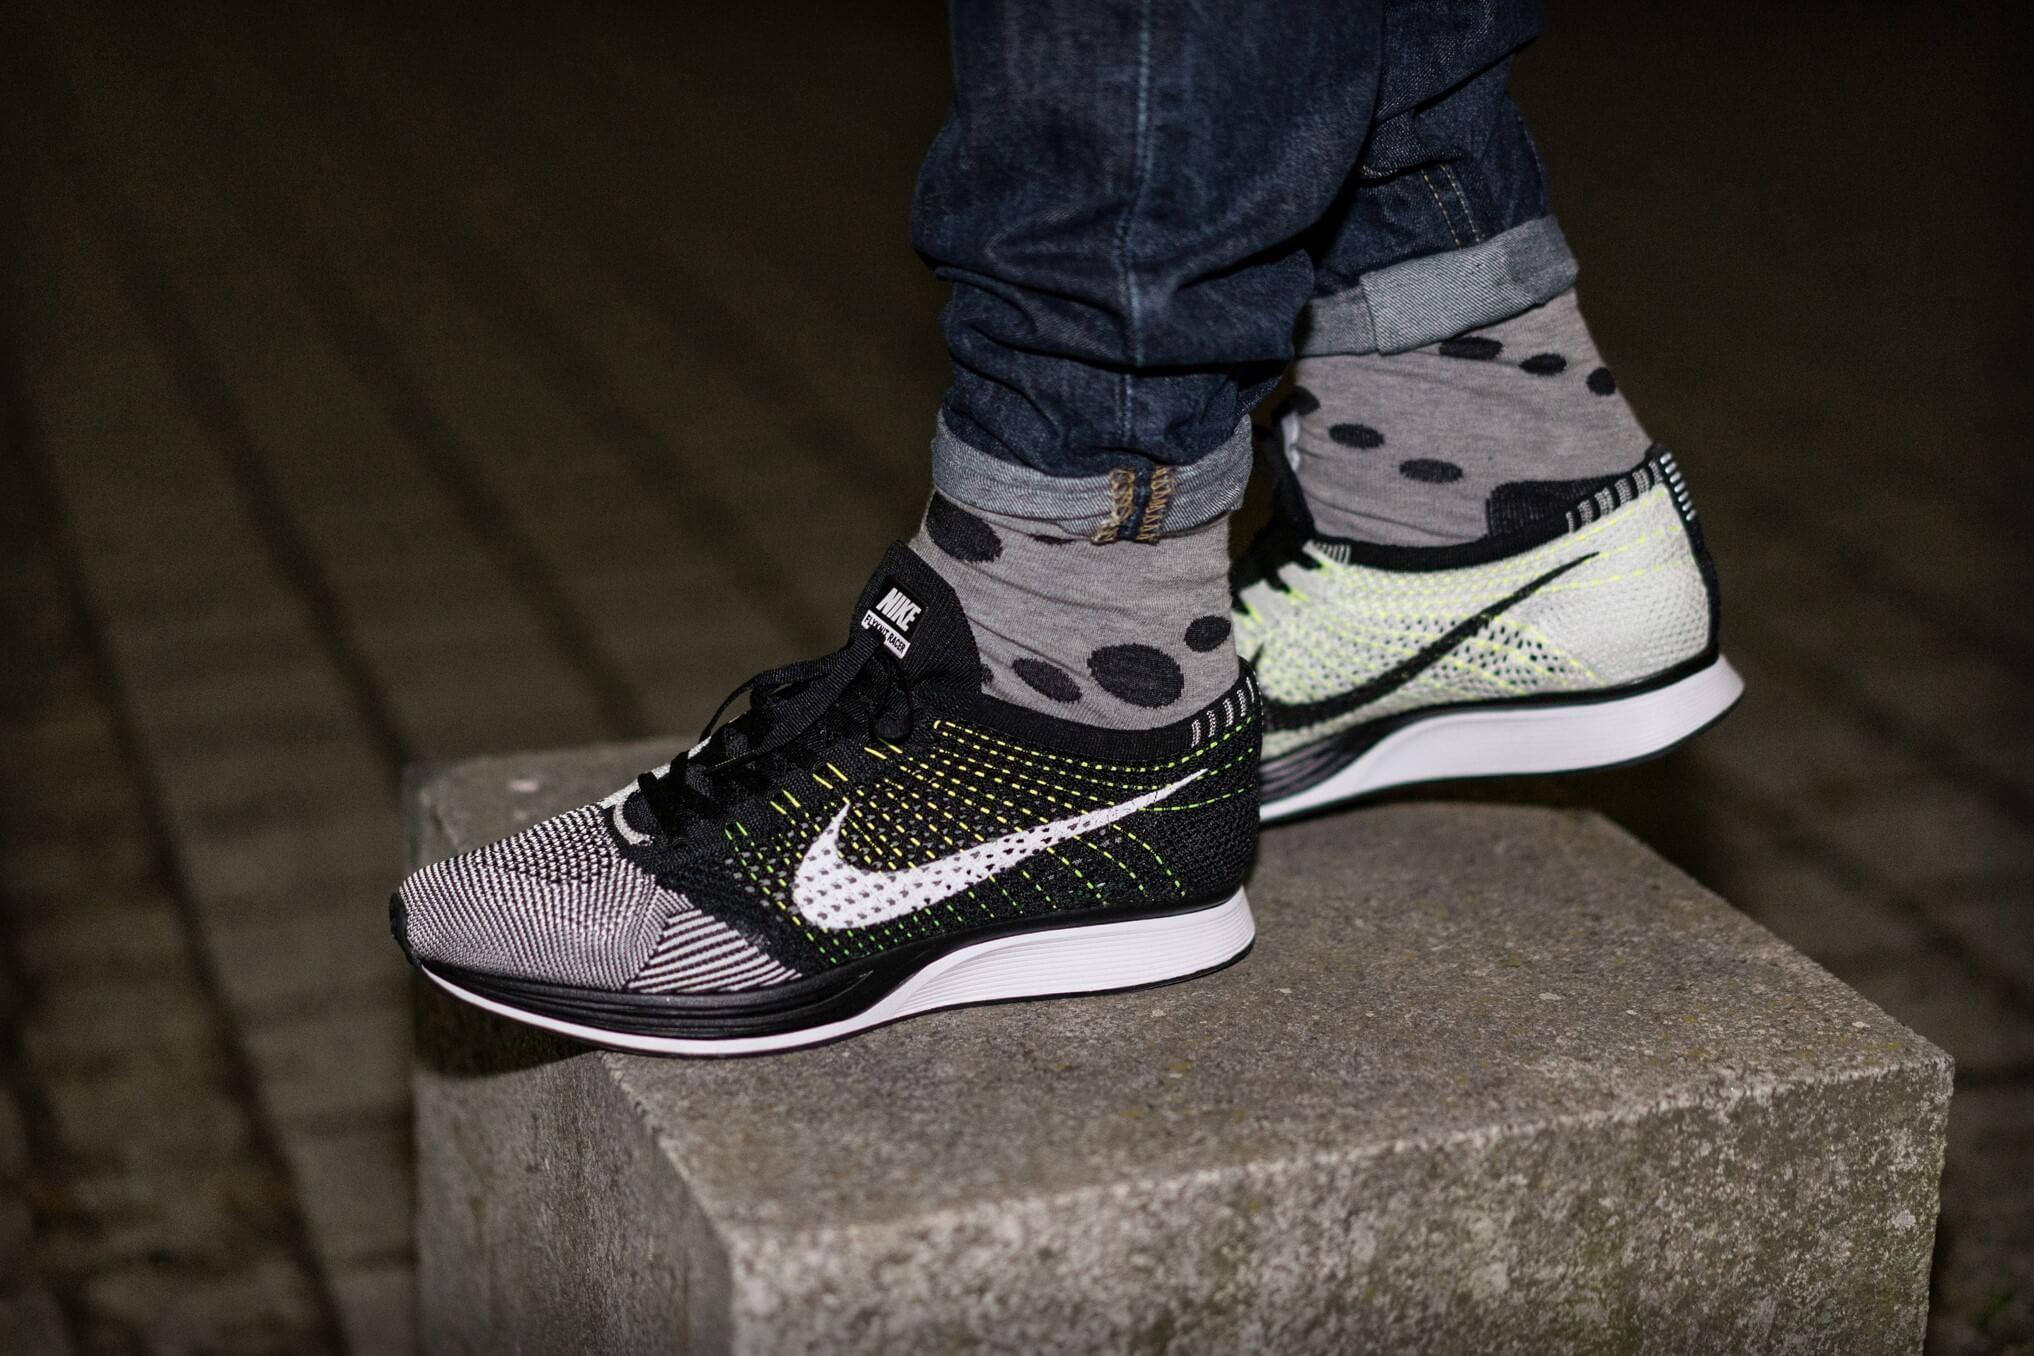 5. Nike Flyknits